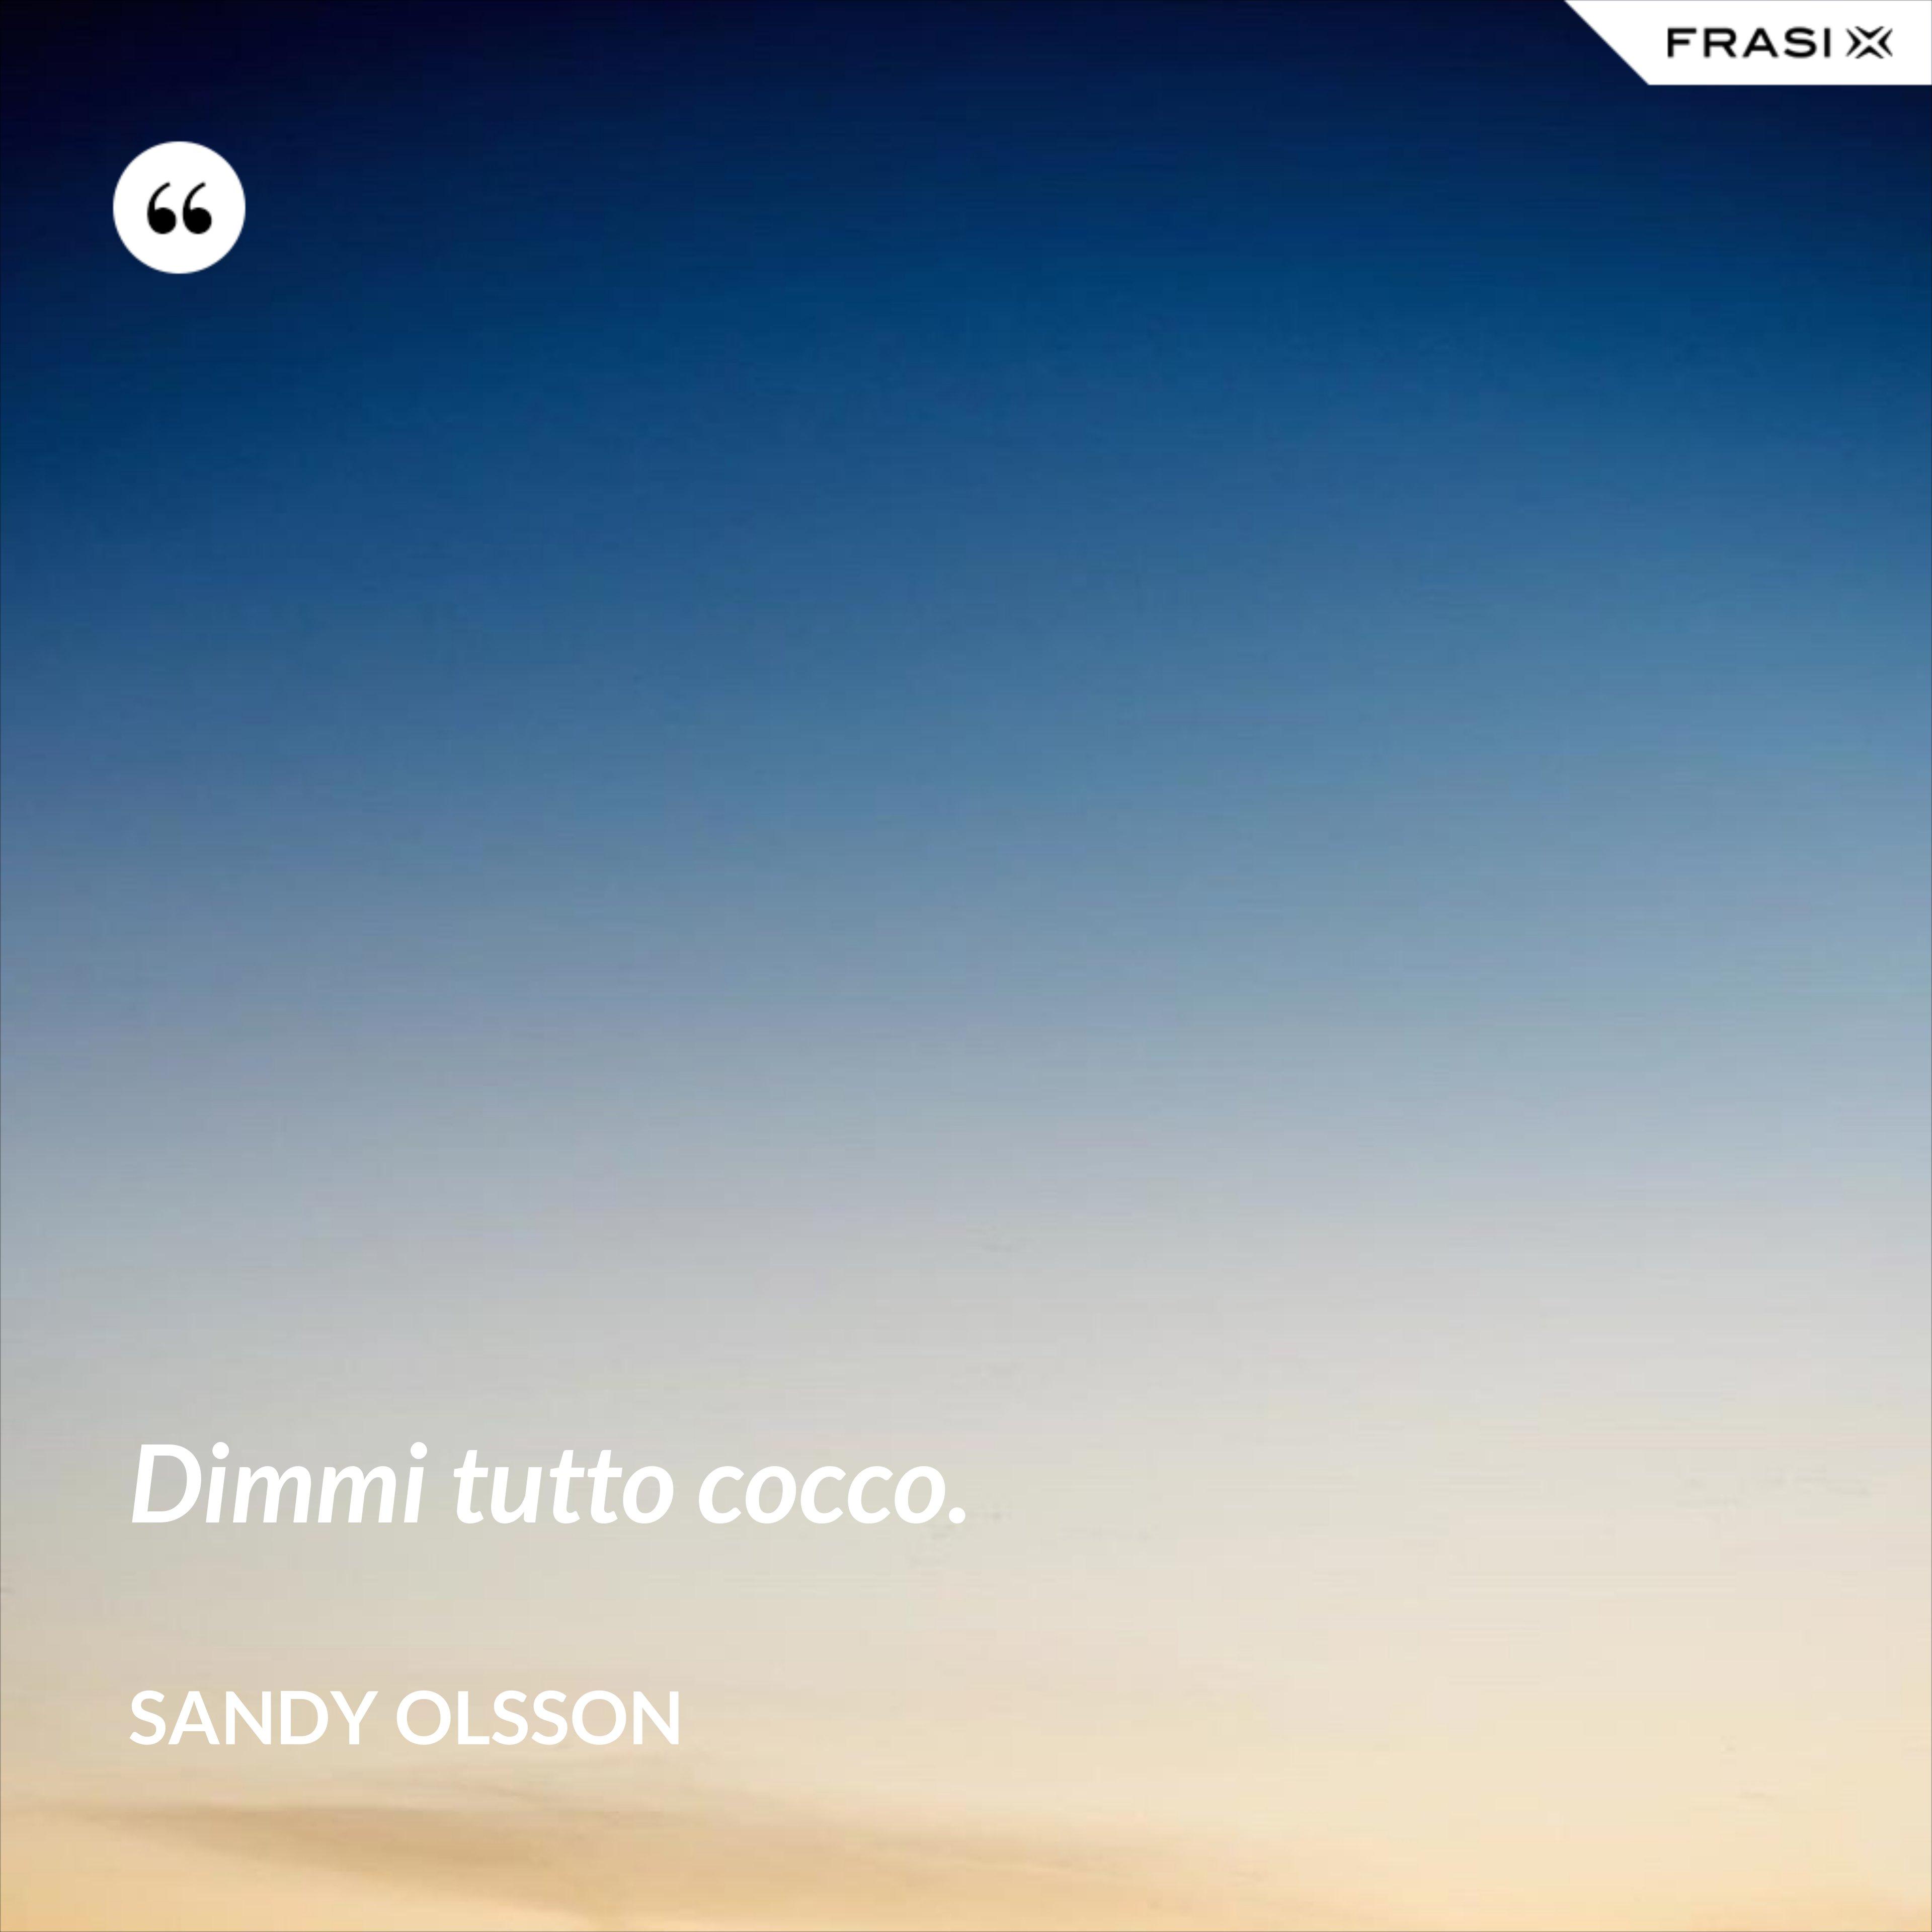 Dimmi tutto cocco. - Sandy Olsson